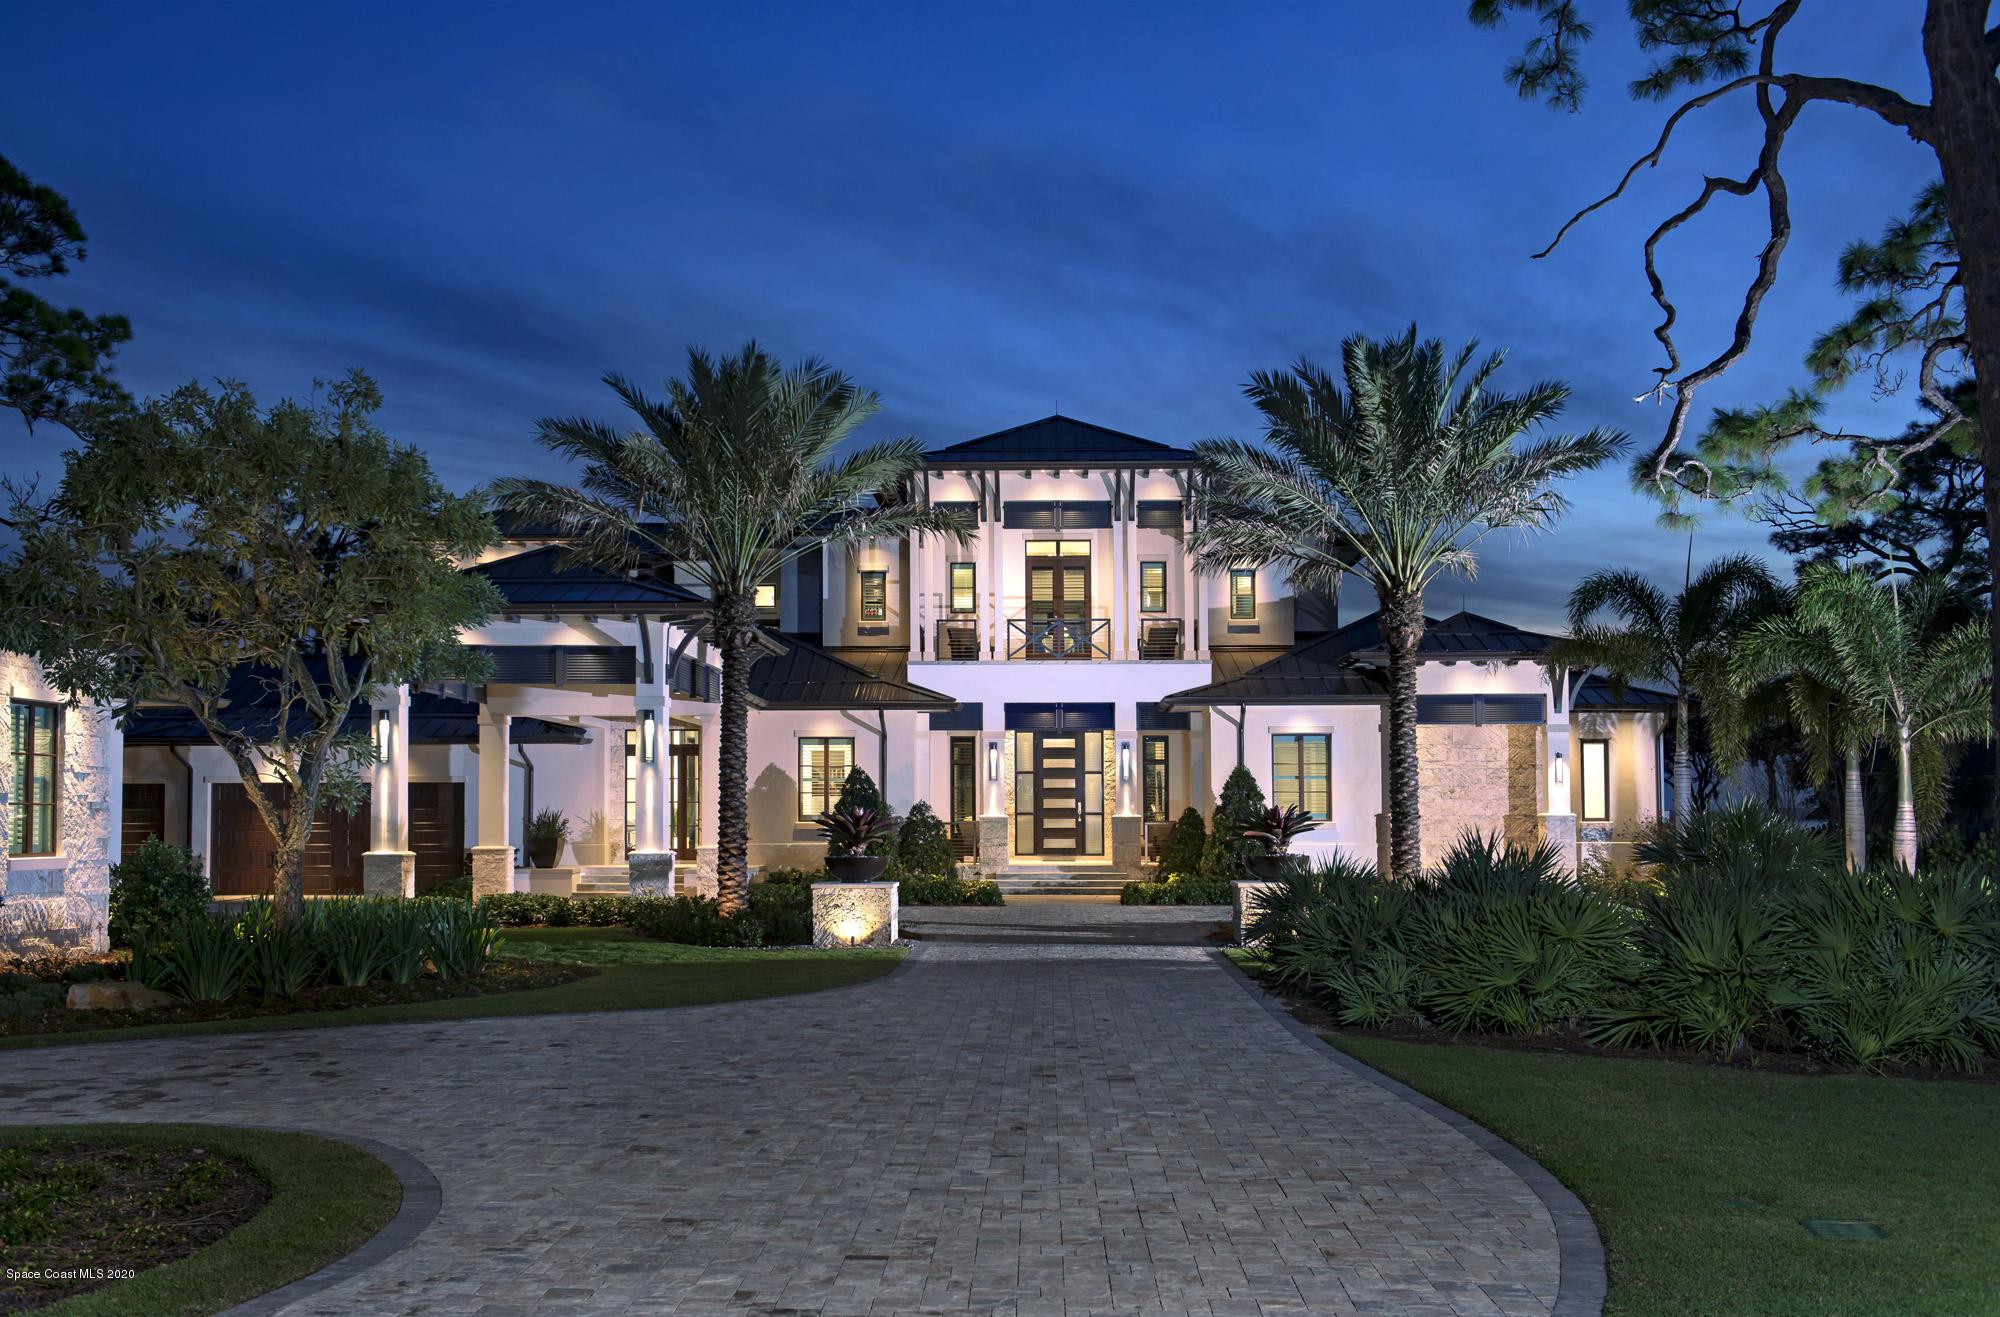 Photo of 4492 Tennyson Drive, Rockledge, FL 32955